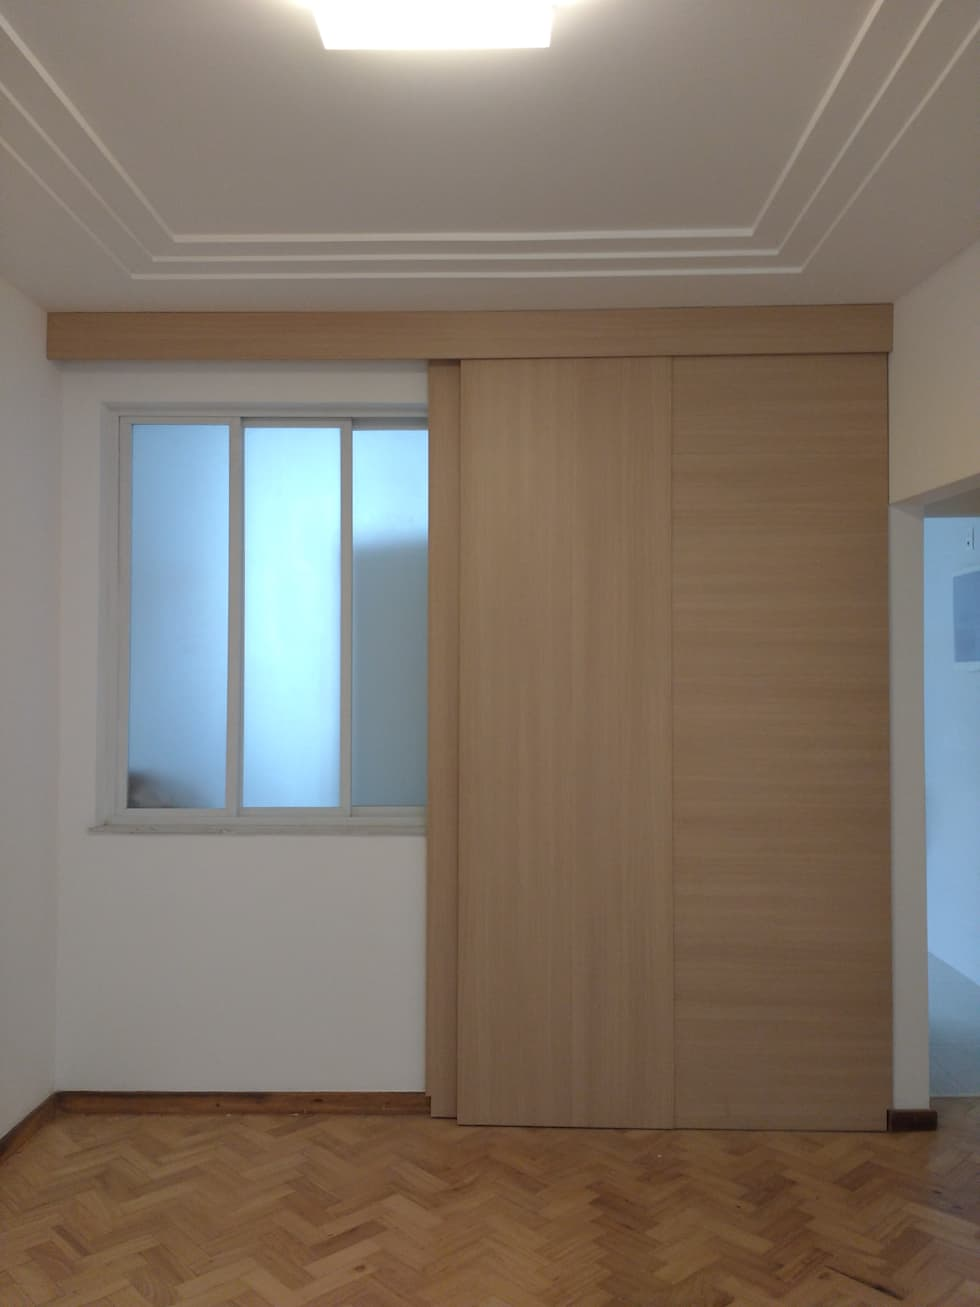 Esconder Janela ~ Fotos de decoraç u00e3o, design de interiores e reformas homify